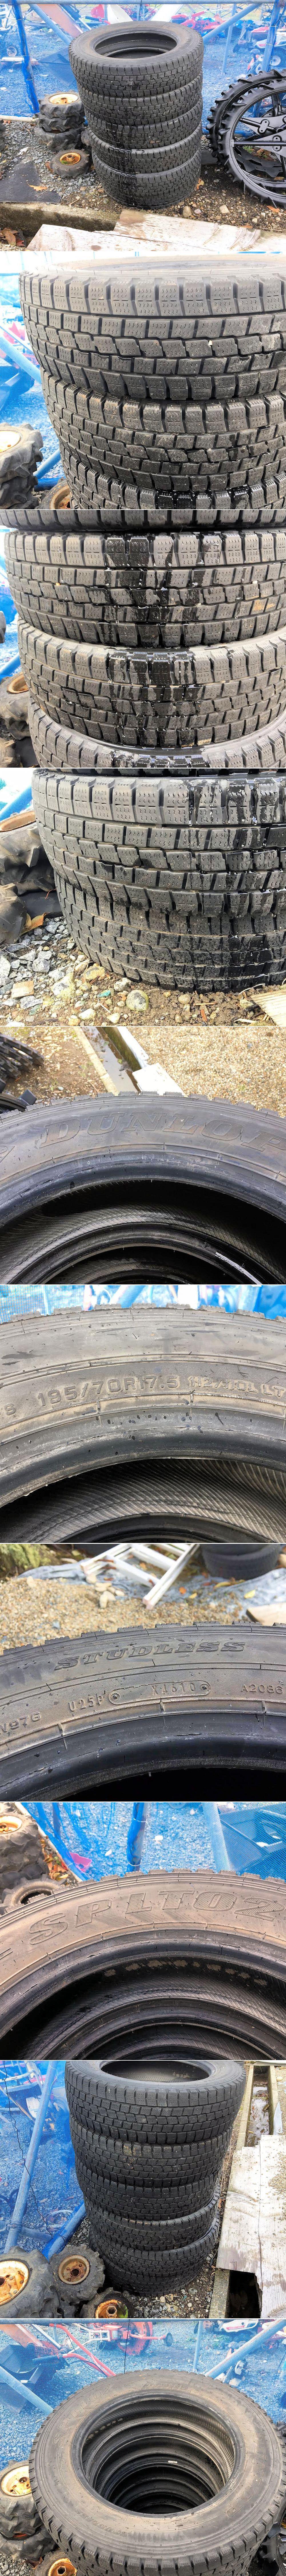 ダウンロップ スタッドレスタイヤ サイズ195/70R17.5 112/110L LT 中古